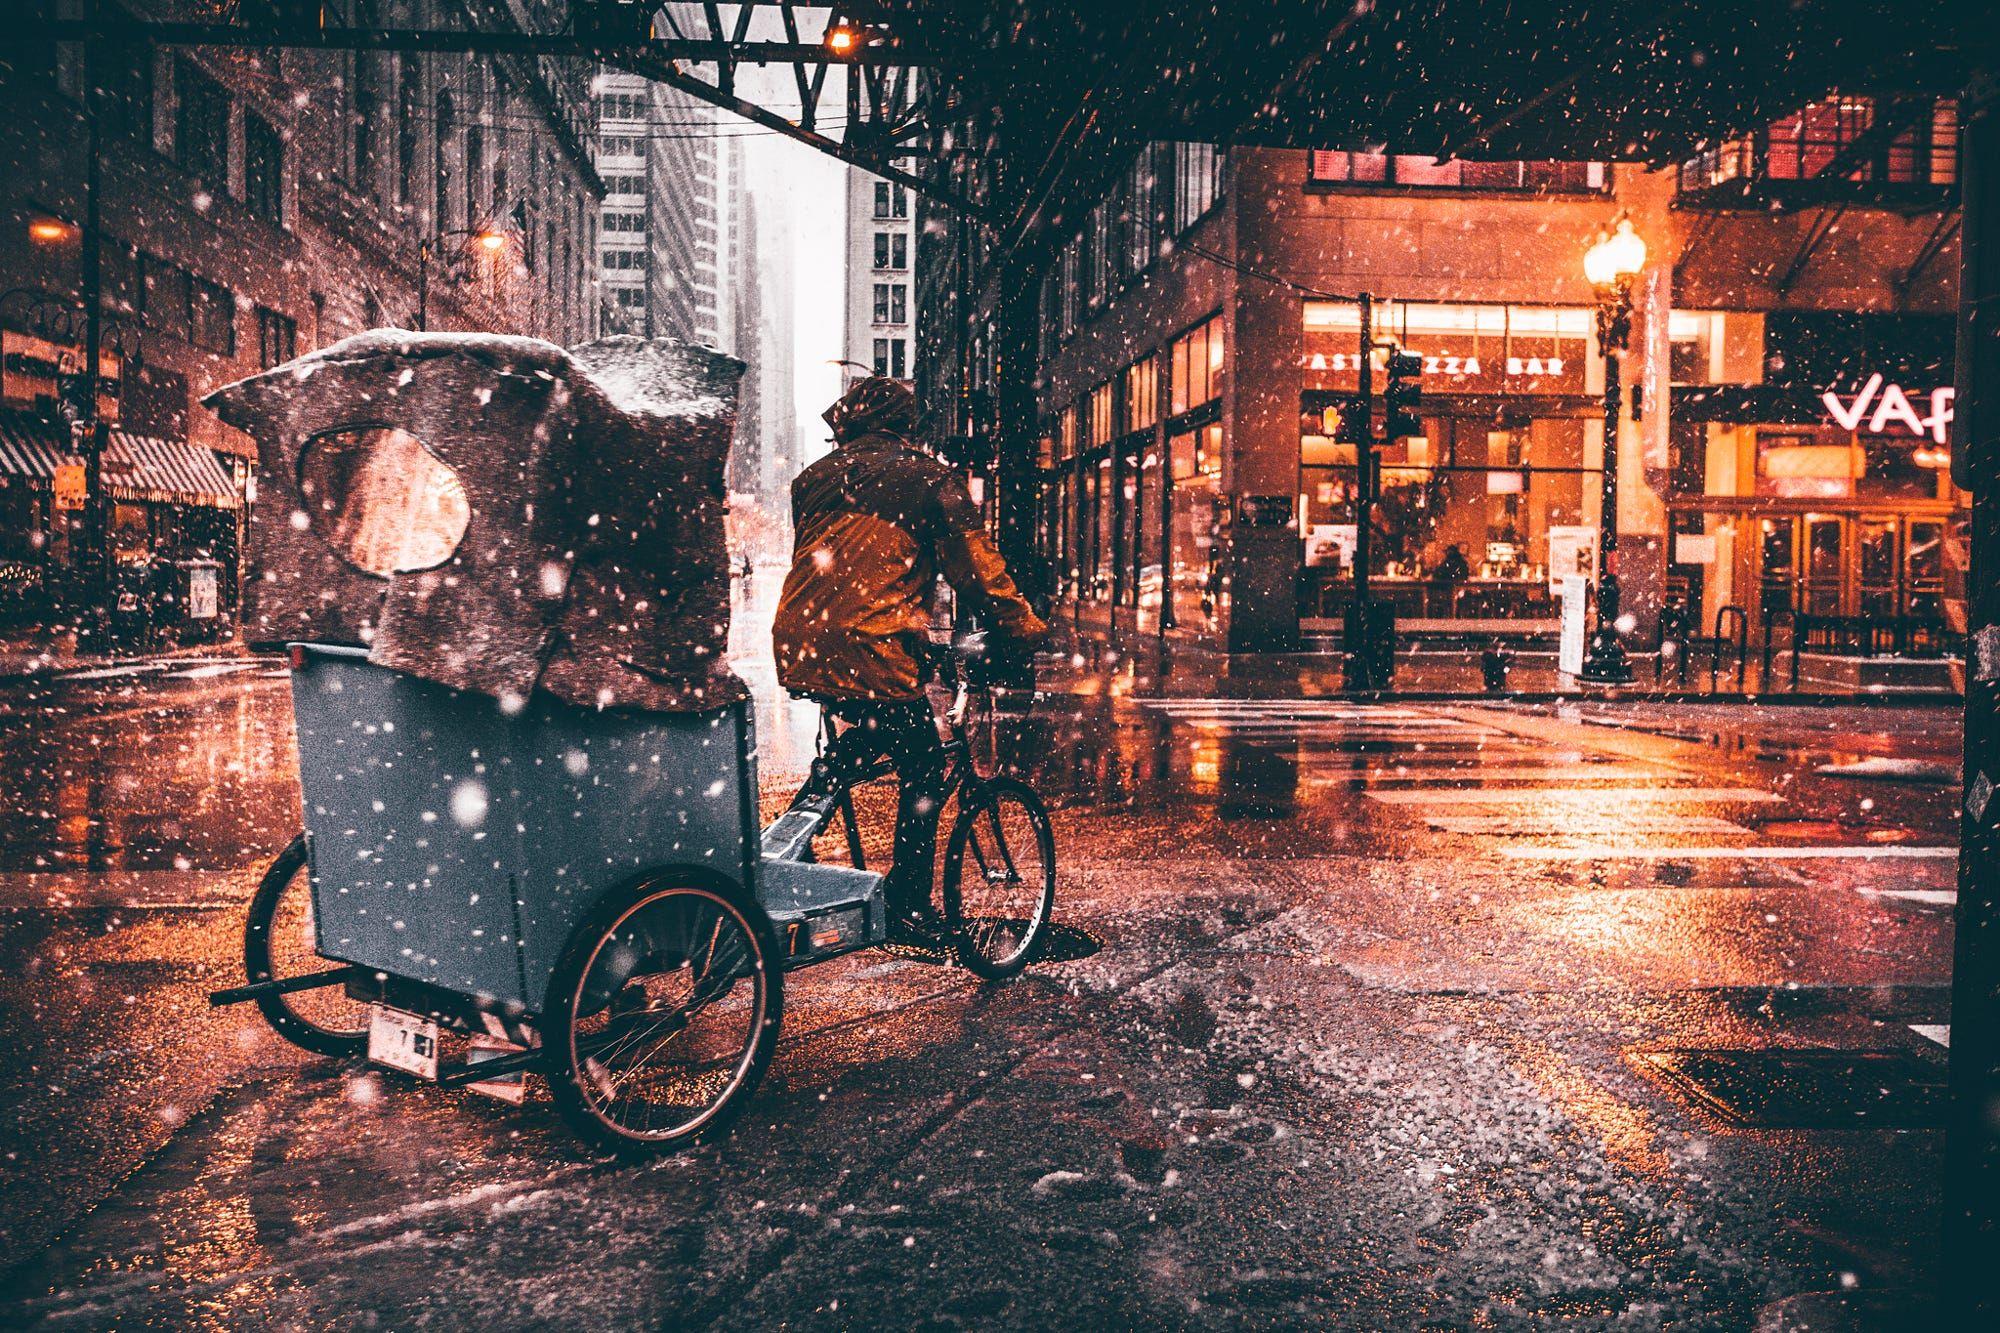 Snowy Chicago Streets Snowy Chicago Streets By Neal Kumar